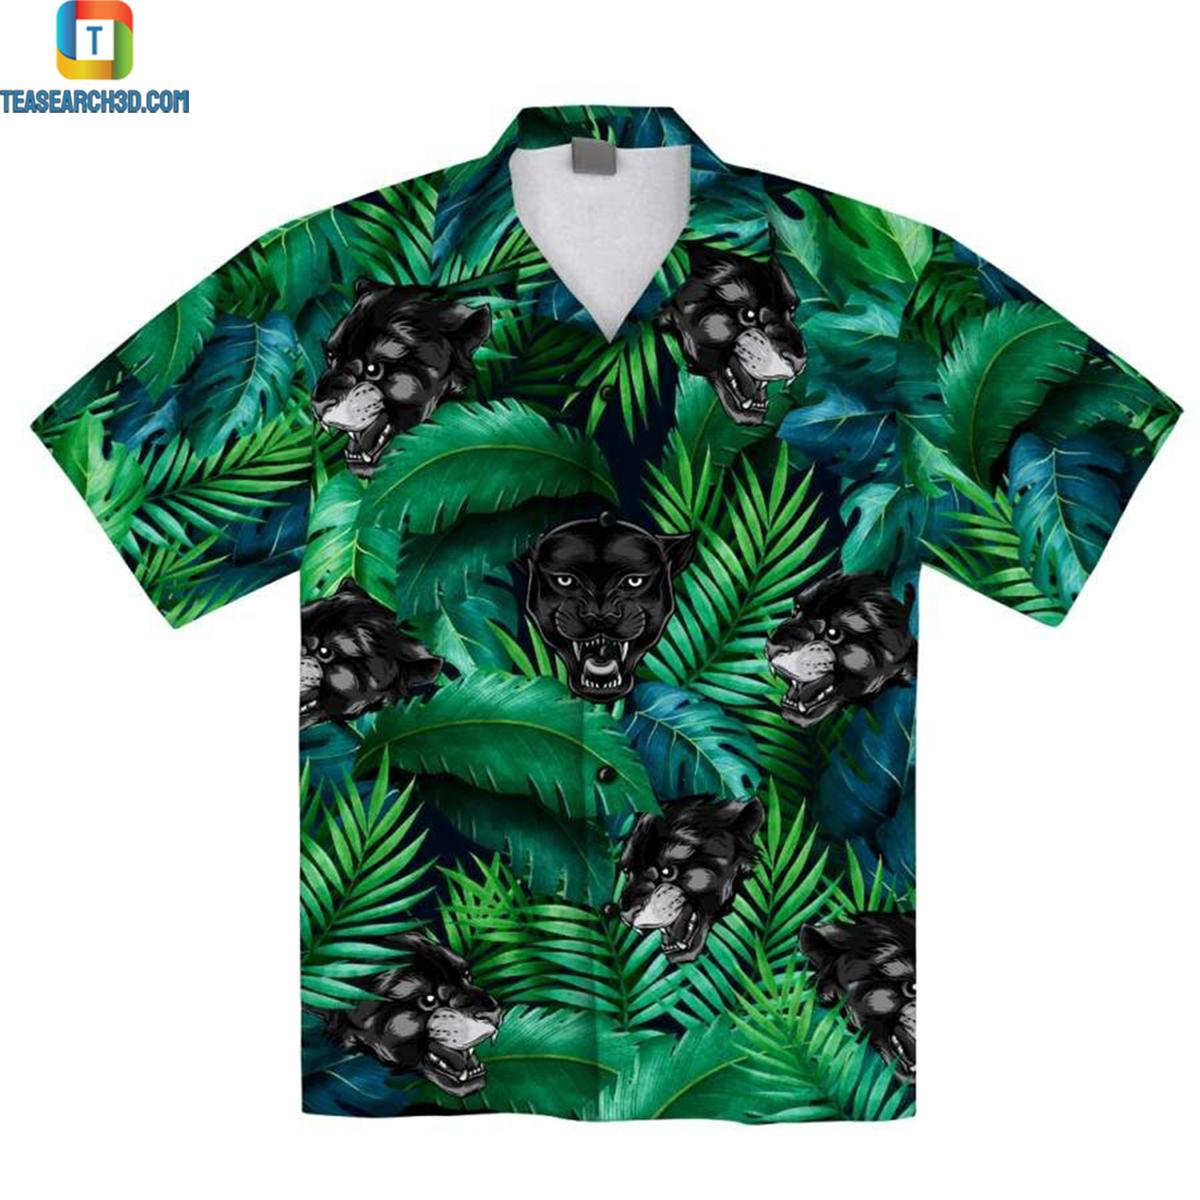 Black Panther Tropical Hawaiian Aloha Shirt 2